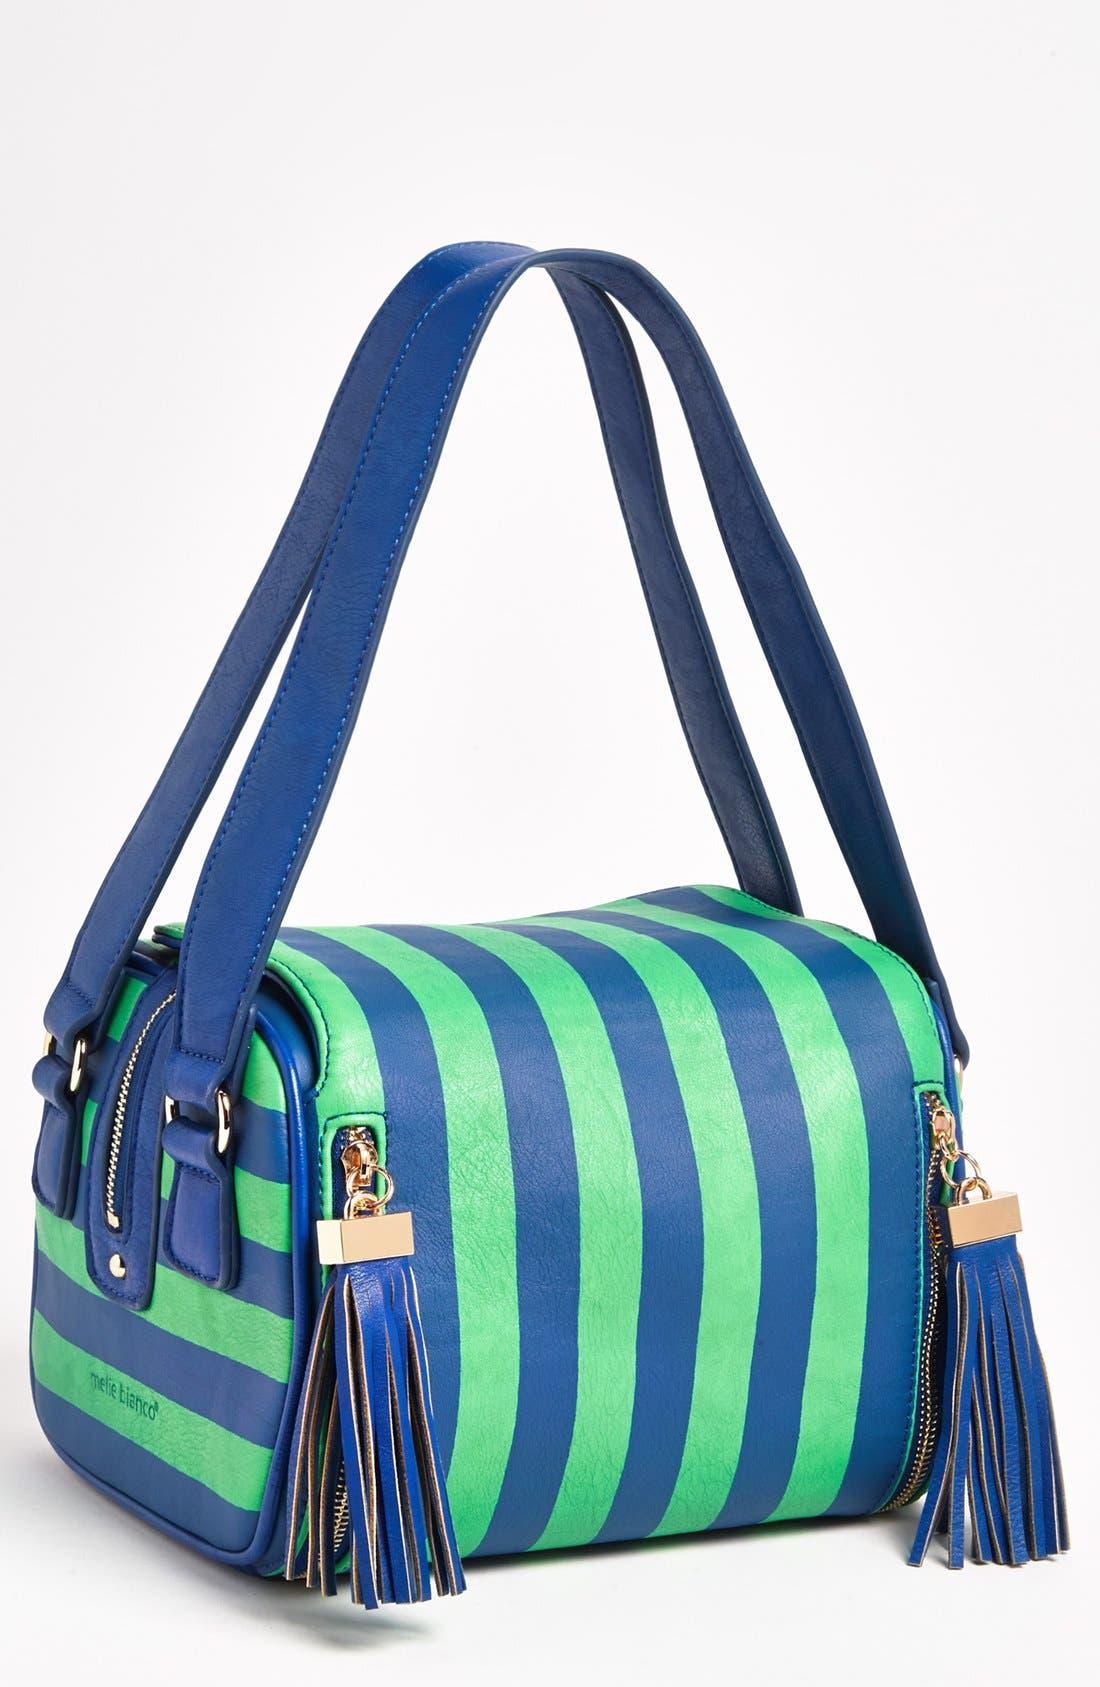 Main Image - Melie Bianco 'Mandy' Cube Handbag